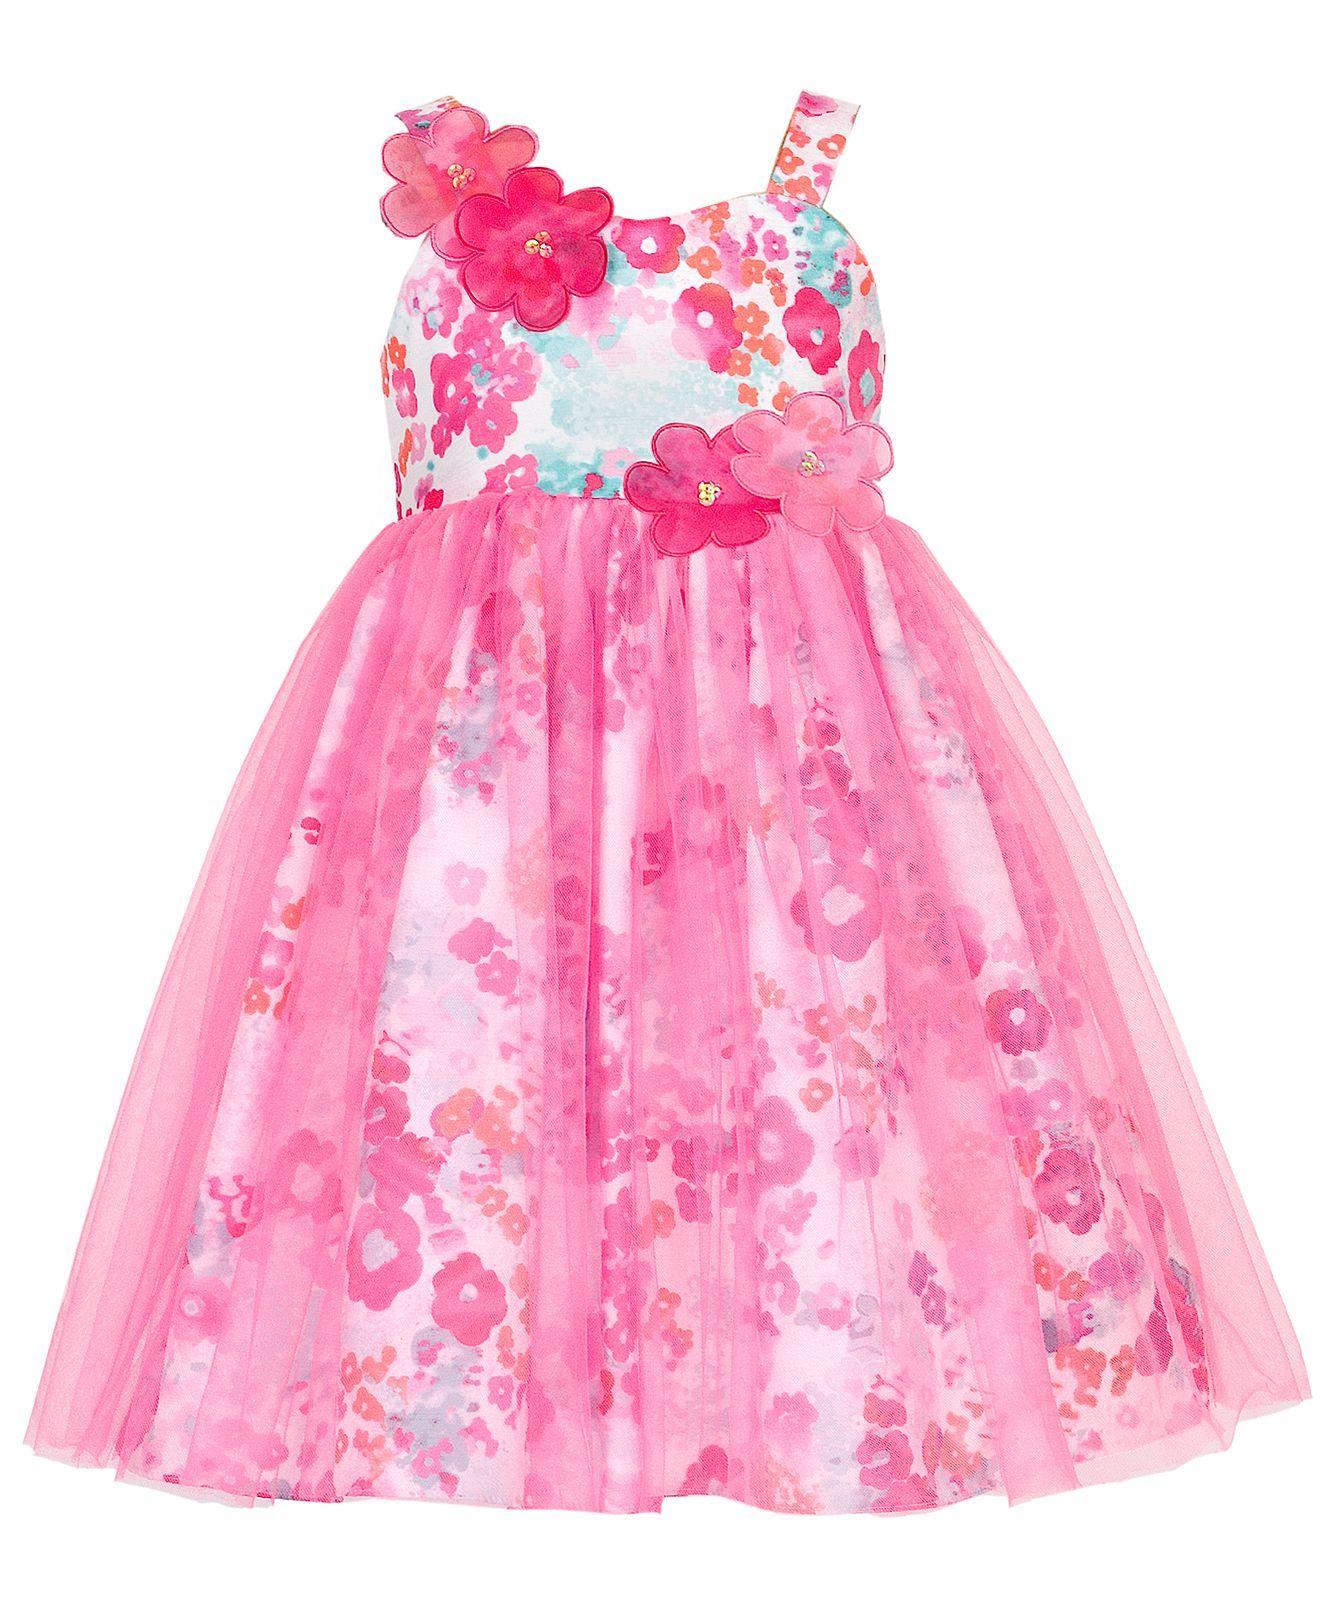 Rare Editions Girls Dress Little Girls Floral Shantung Party Dress Kids Toddler Girls 2t 5t Macys Rare Editions Girls Dresses Floral Party Dress Dresses [ 1616 x 1320 Pixel ]